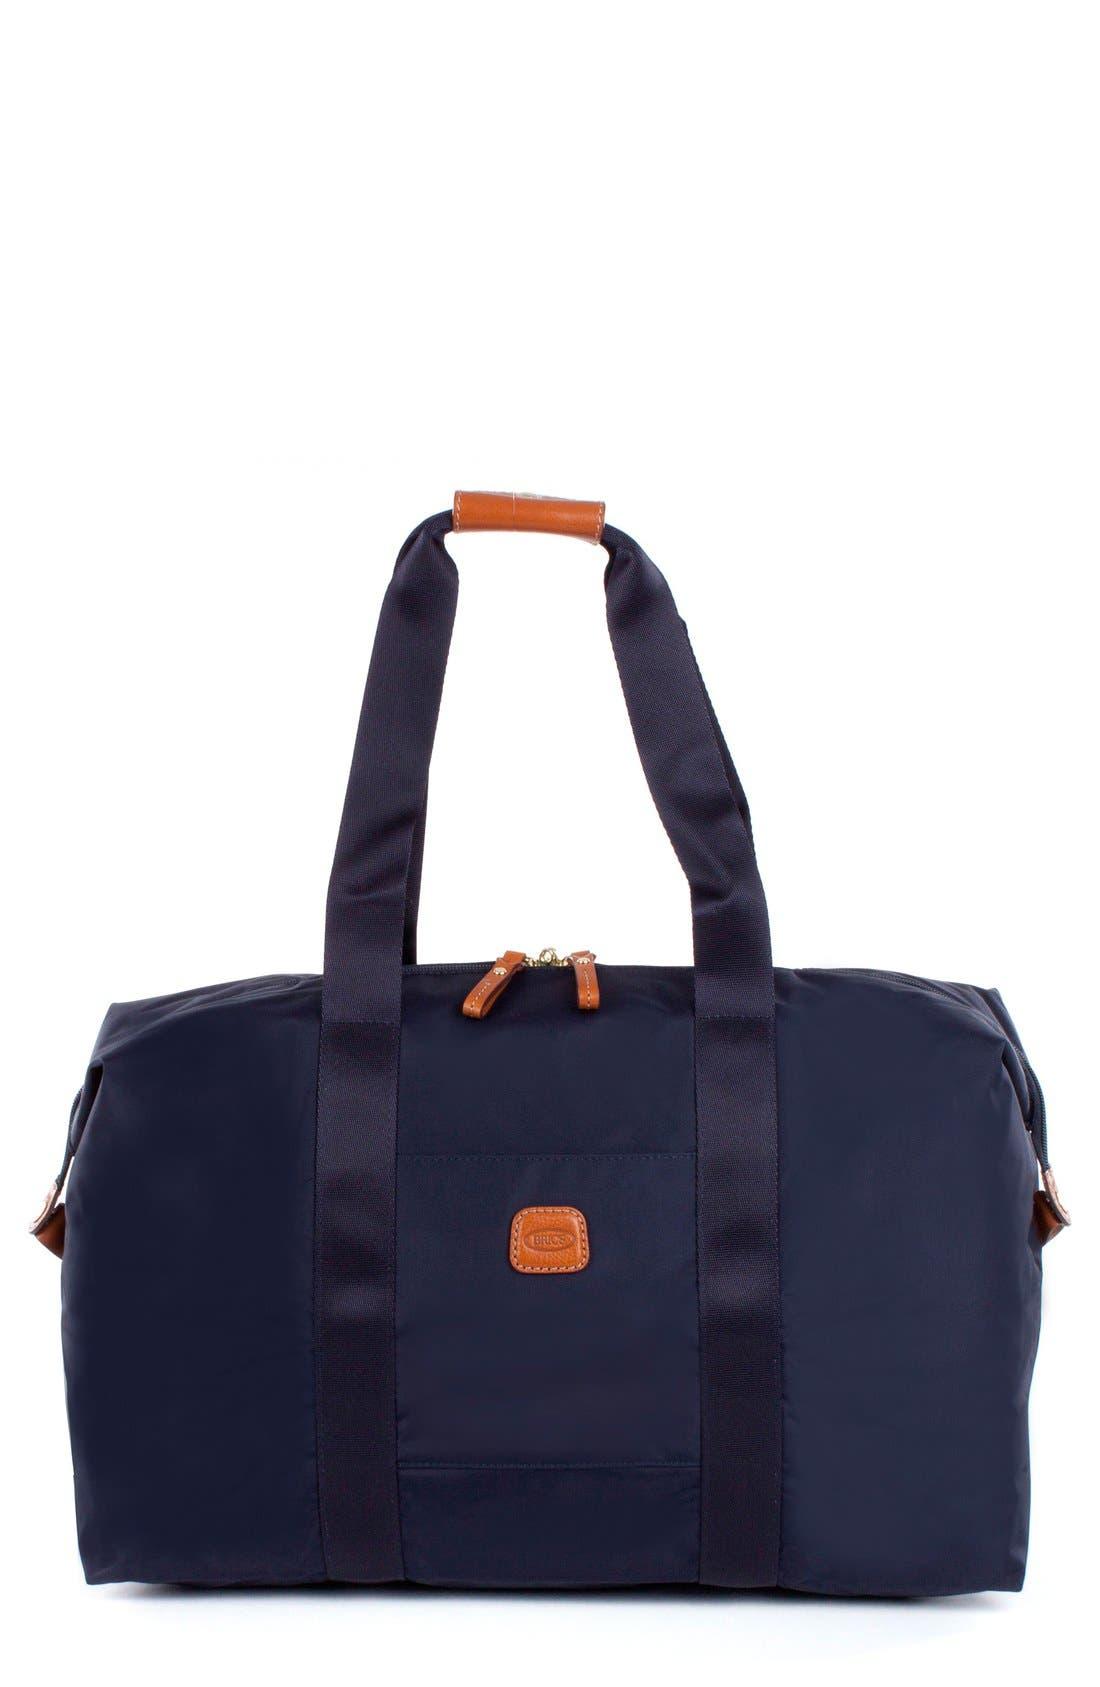 BRICS X-Bag Folding Duffel Bag